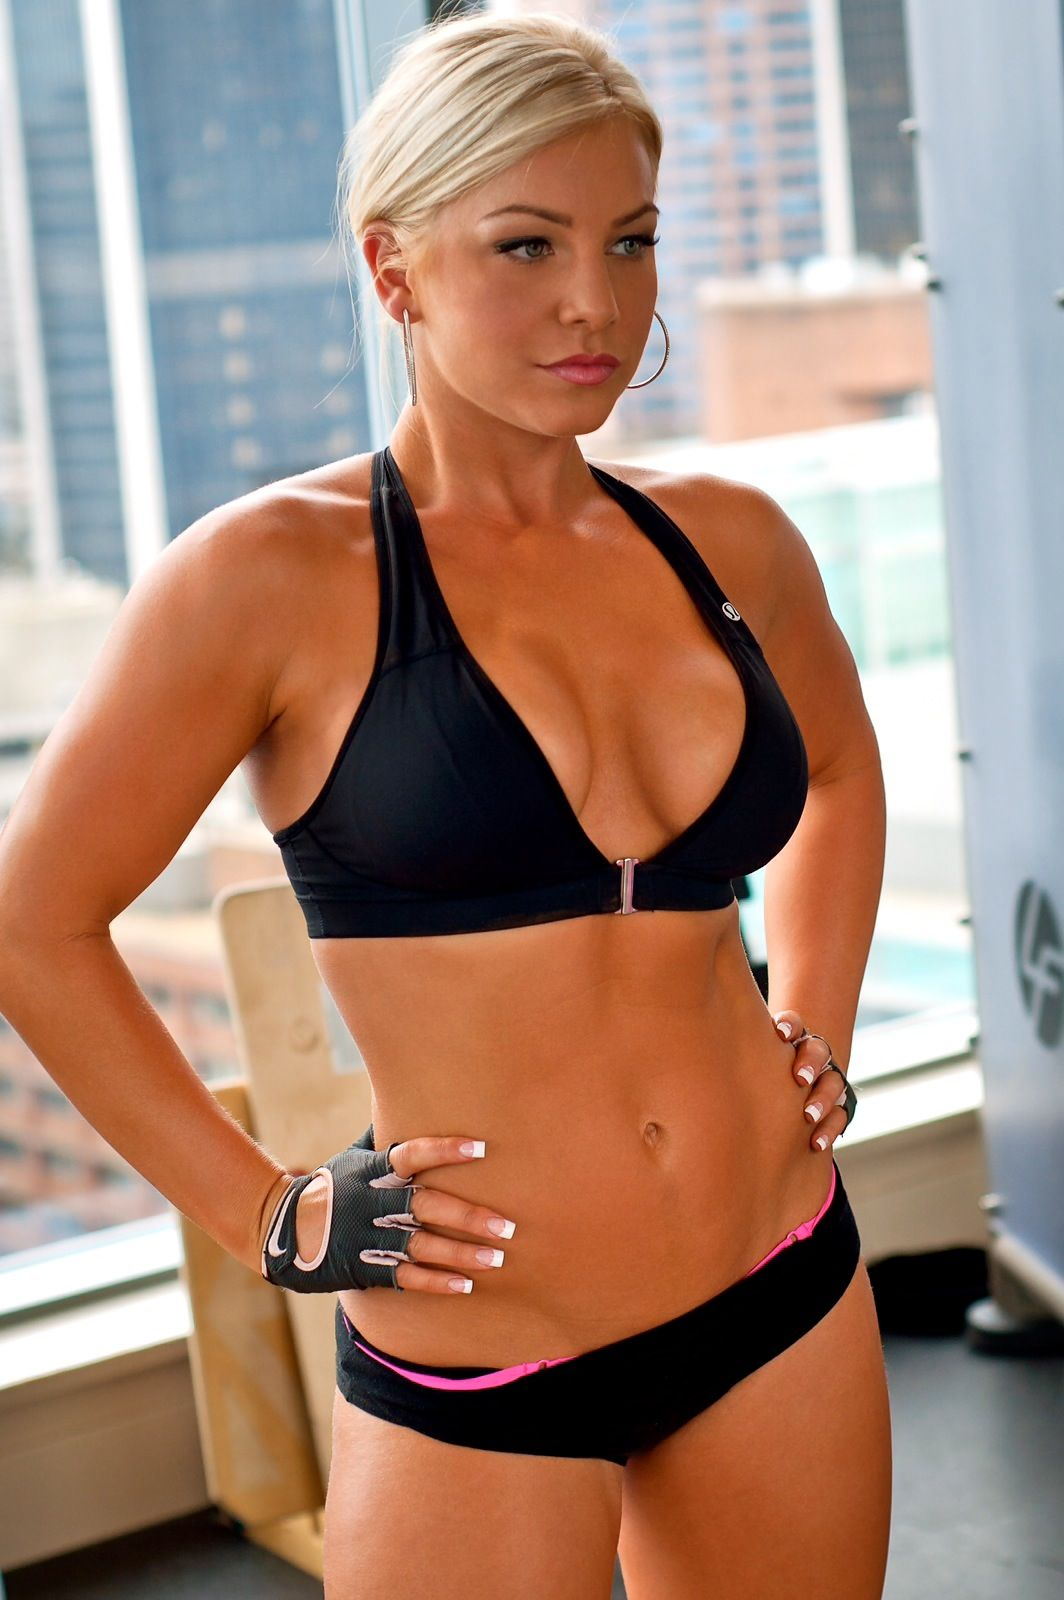 http://hopealexa/hope-alexas-fitness-photos/ | muscles/girls